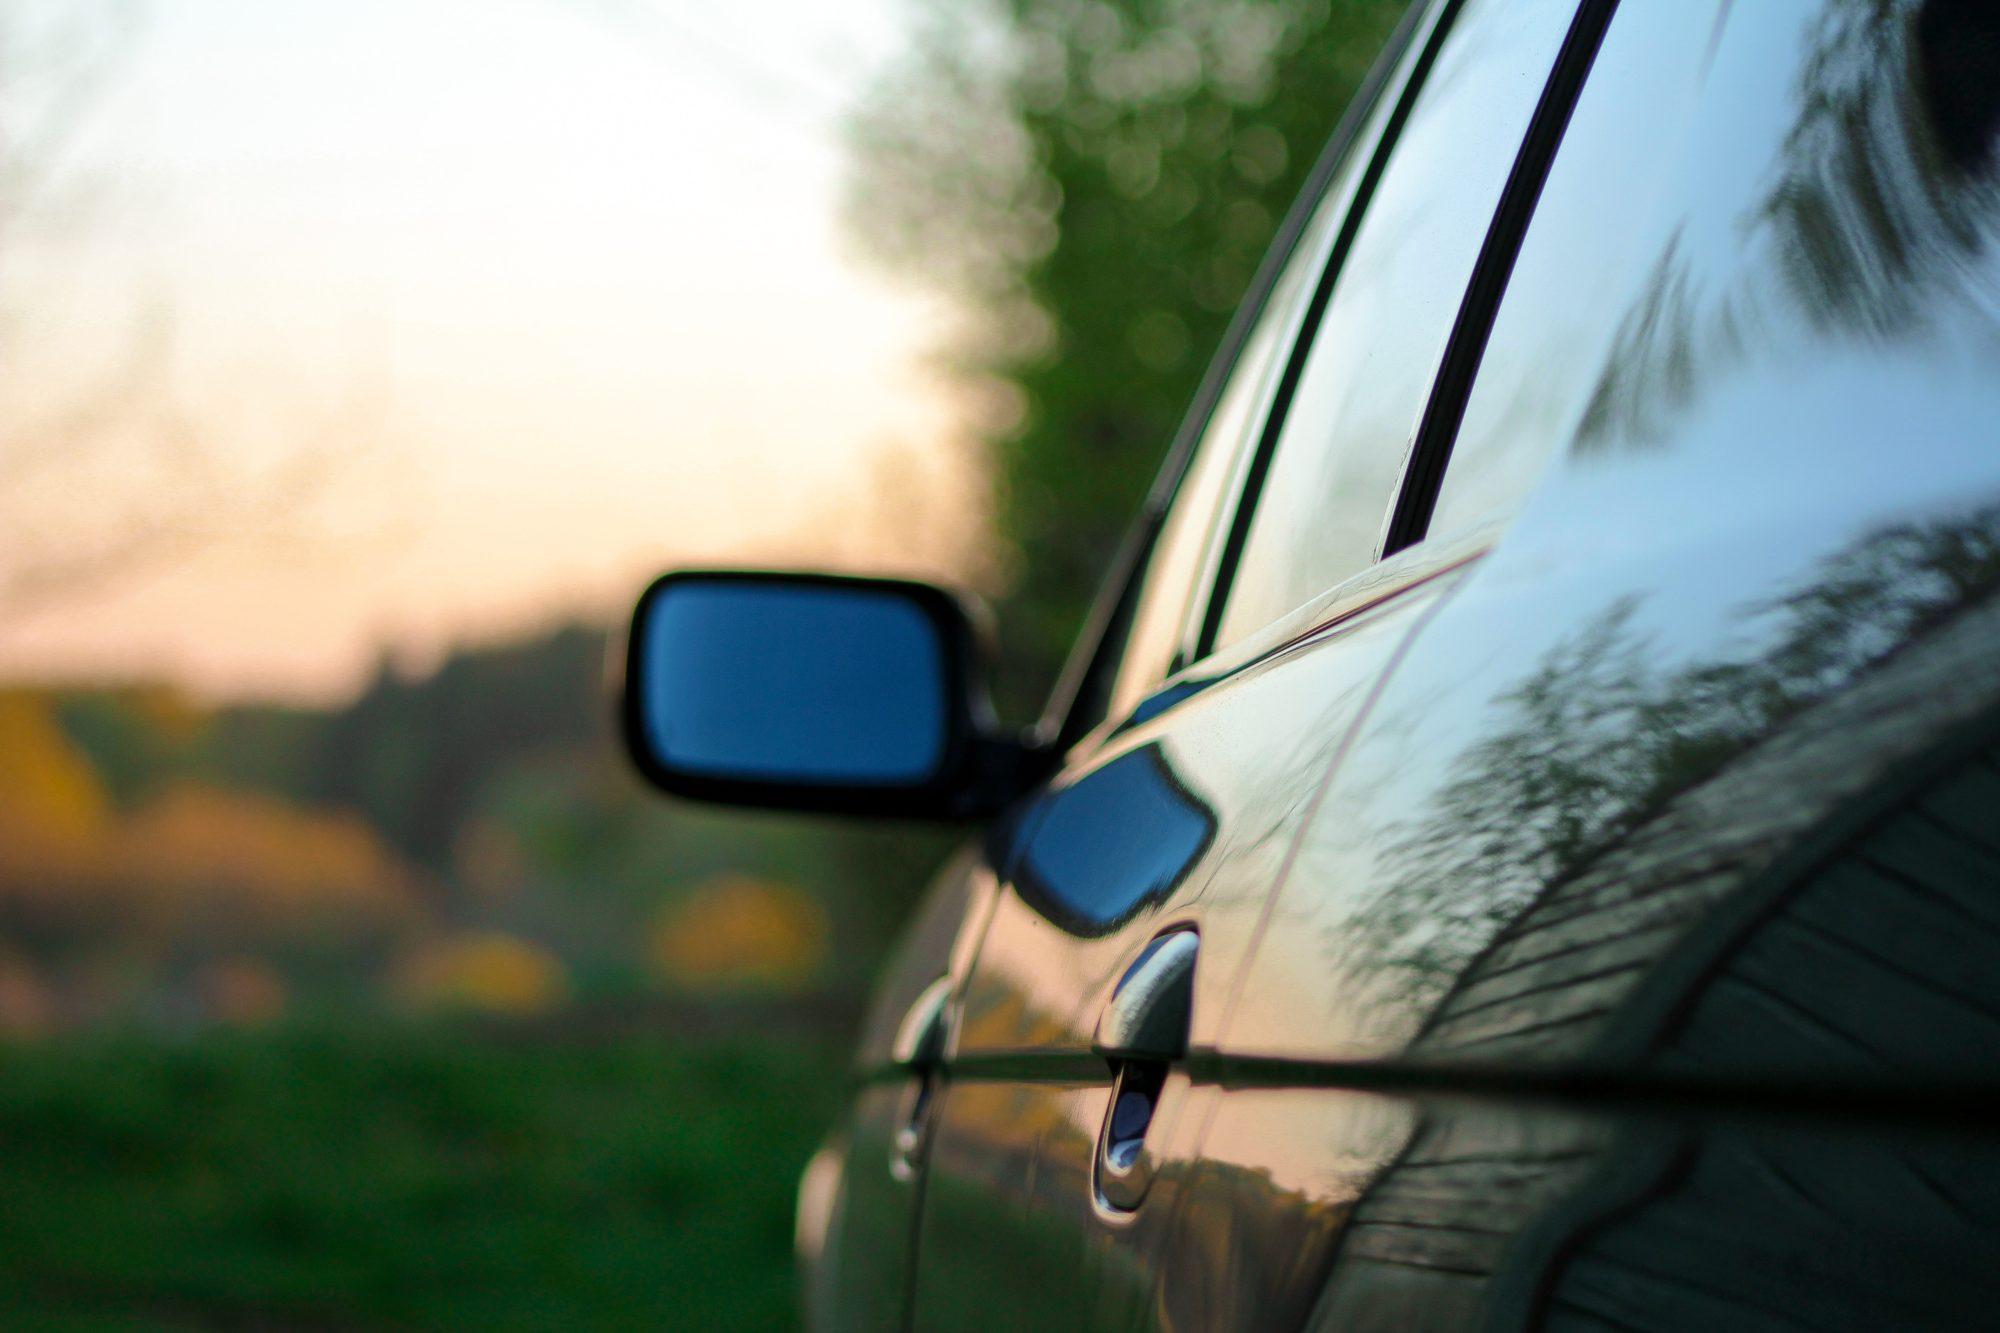 Ļaundaris dauza mašīnas un lauž spoguli, iedzīvotāji neizpratnē par policijas reakciju